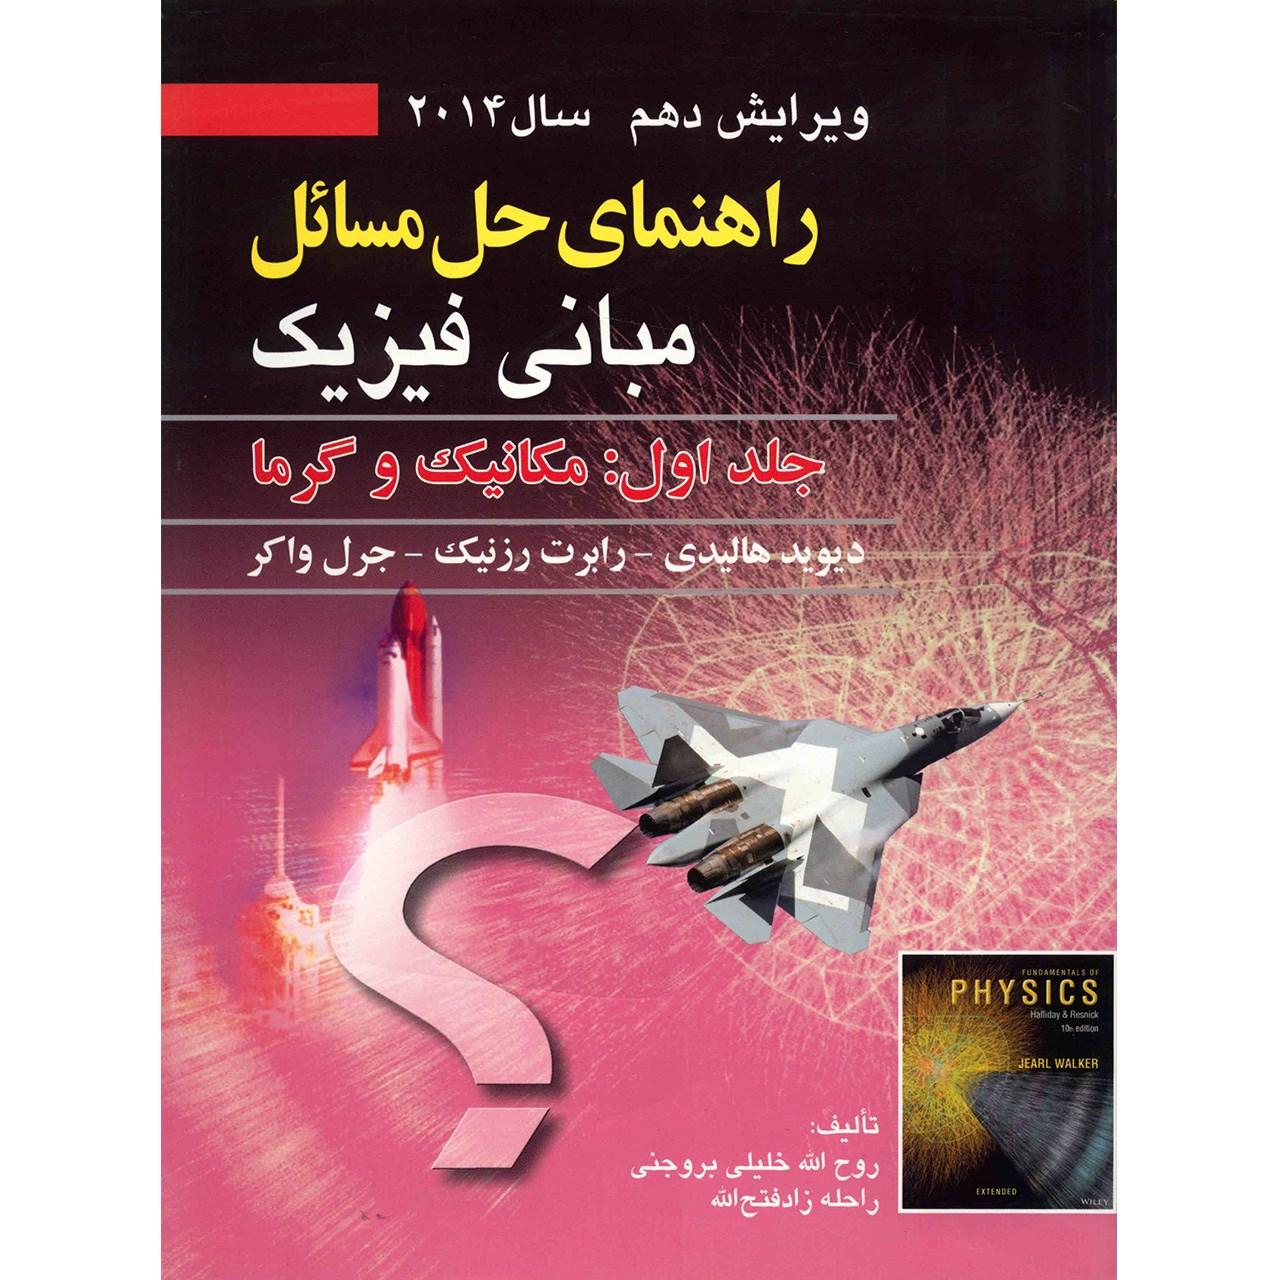 کتاب راهنمای حل مسائل مبانی فیزیک اثر دیوید هالیدی - جلد اول